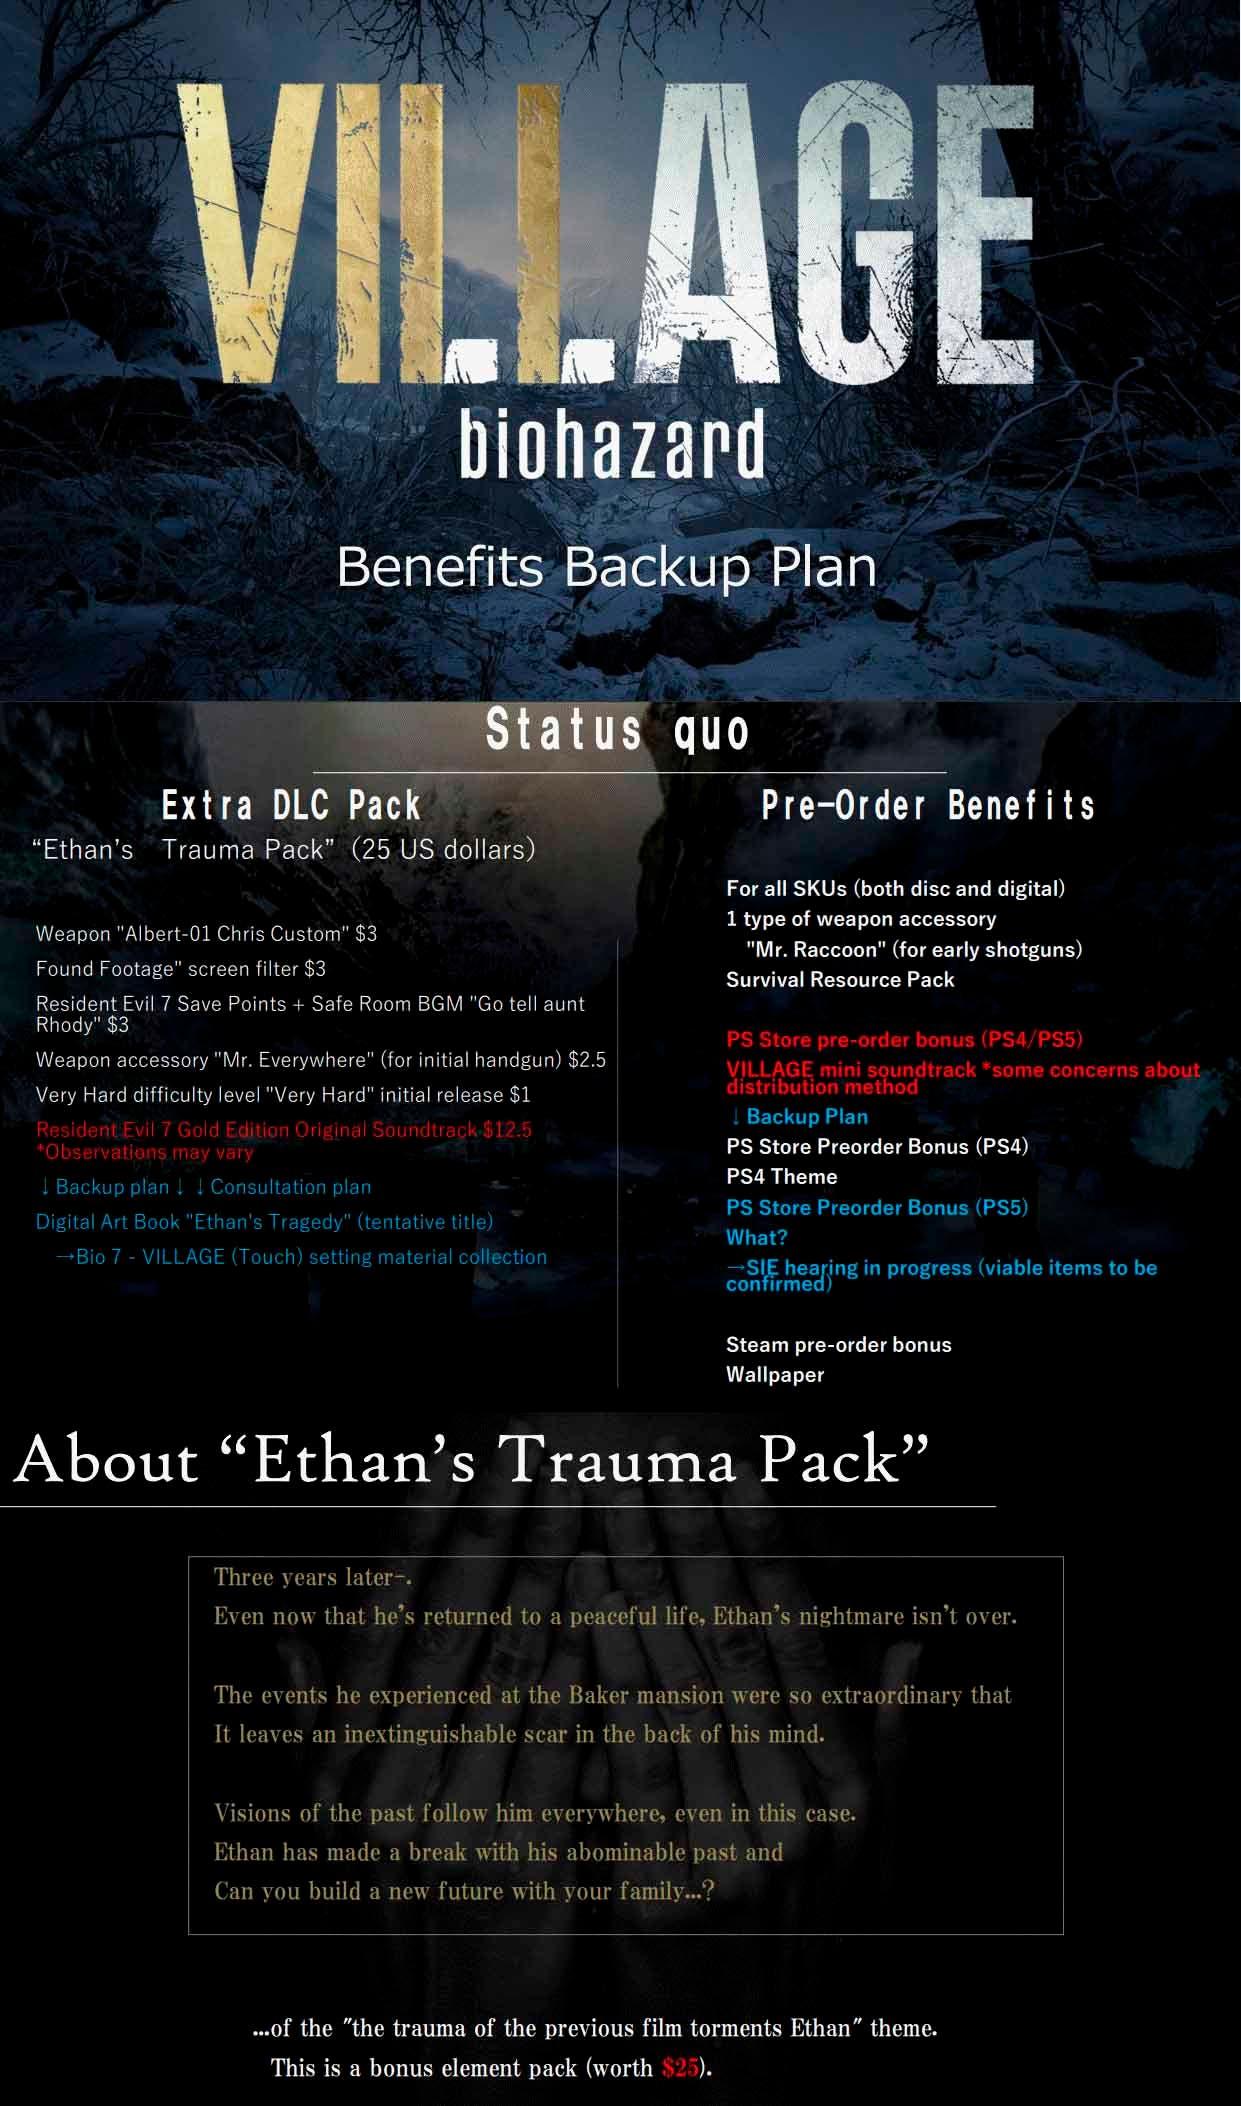 Filtración desde Capcom desvela planes de juegos como Resident Evil Village 3